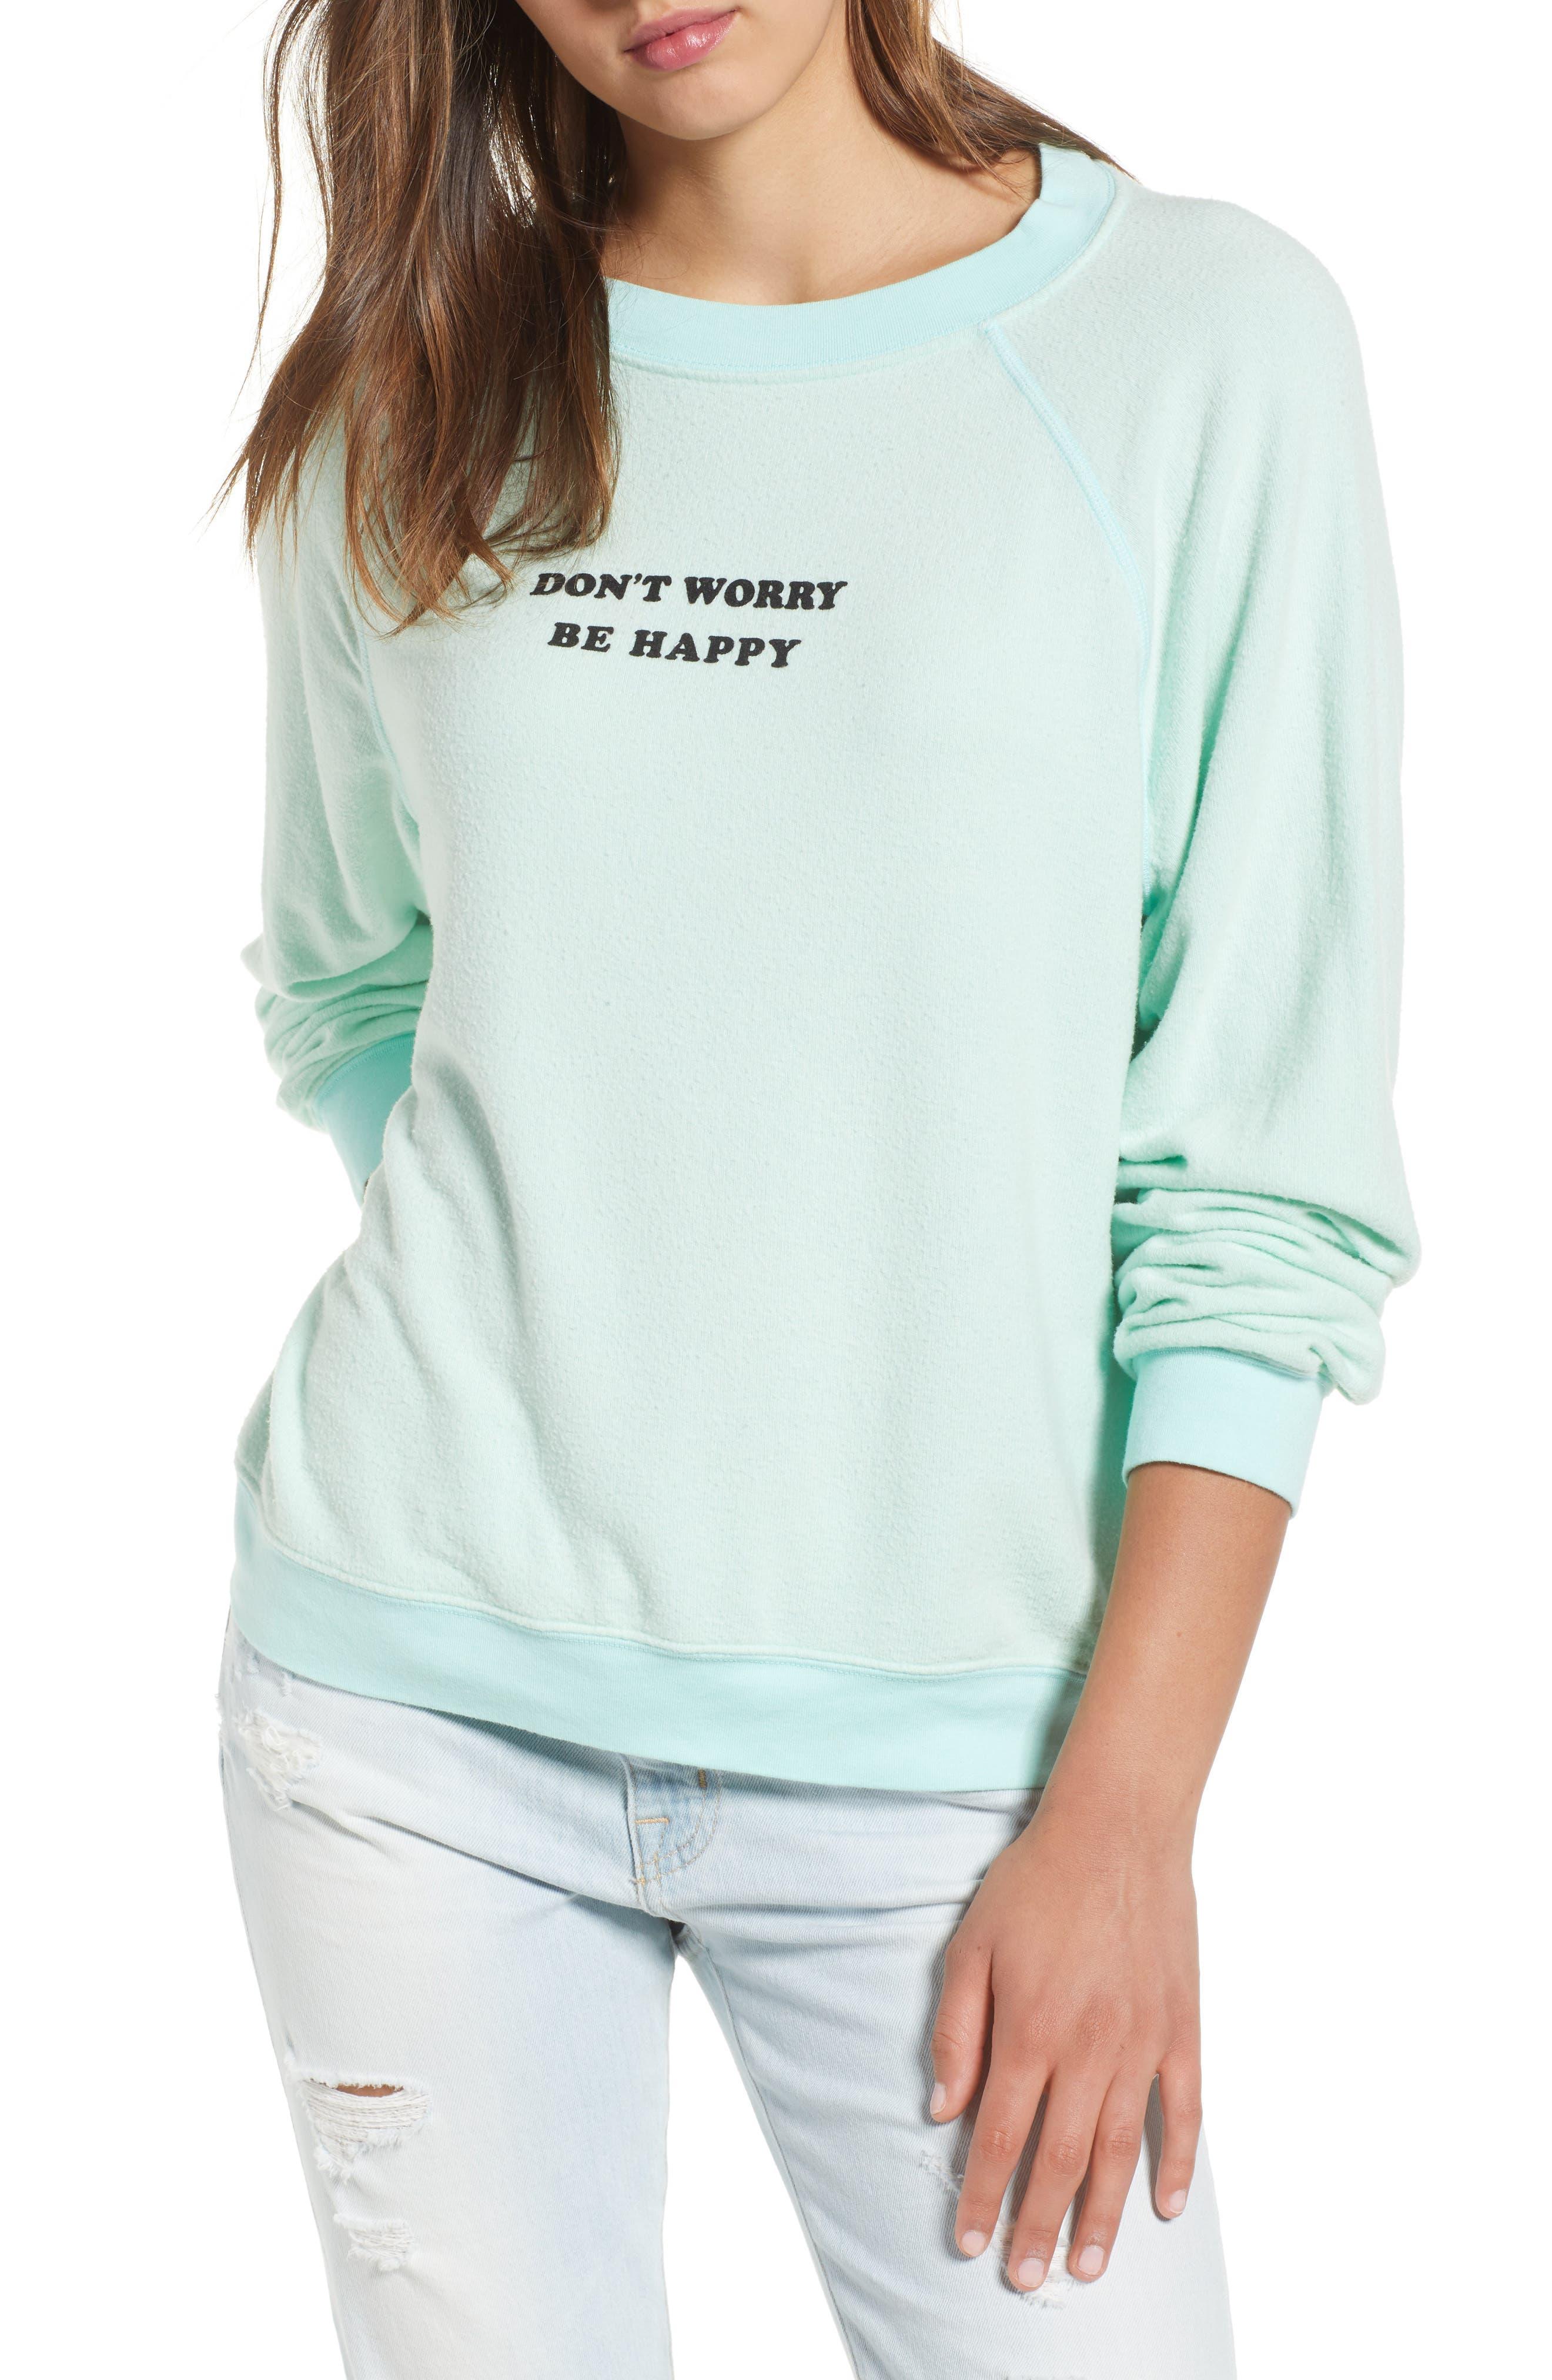 Be Happy Sweatshirt,                             Main thumbnail 1, color,                             Aqua Diver